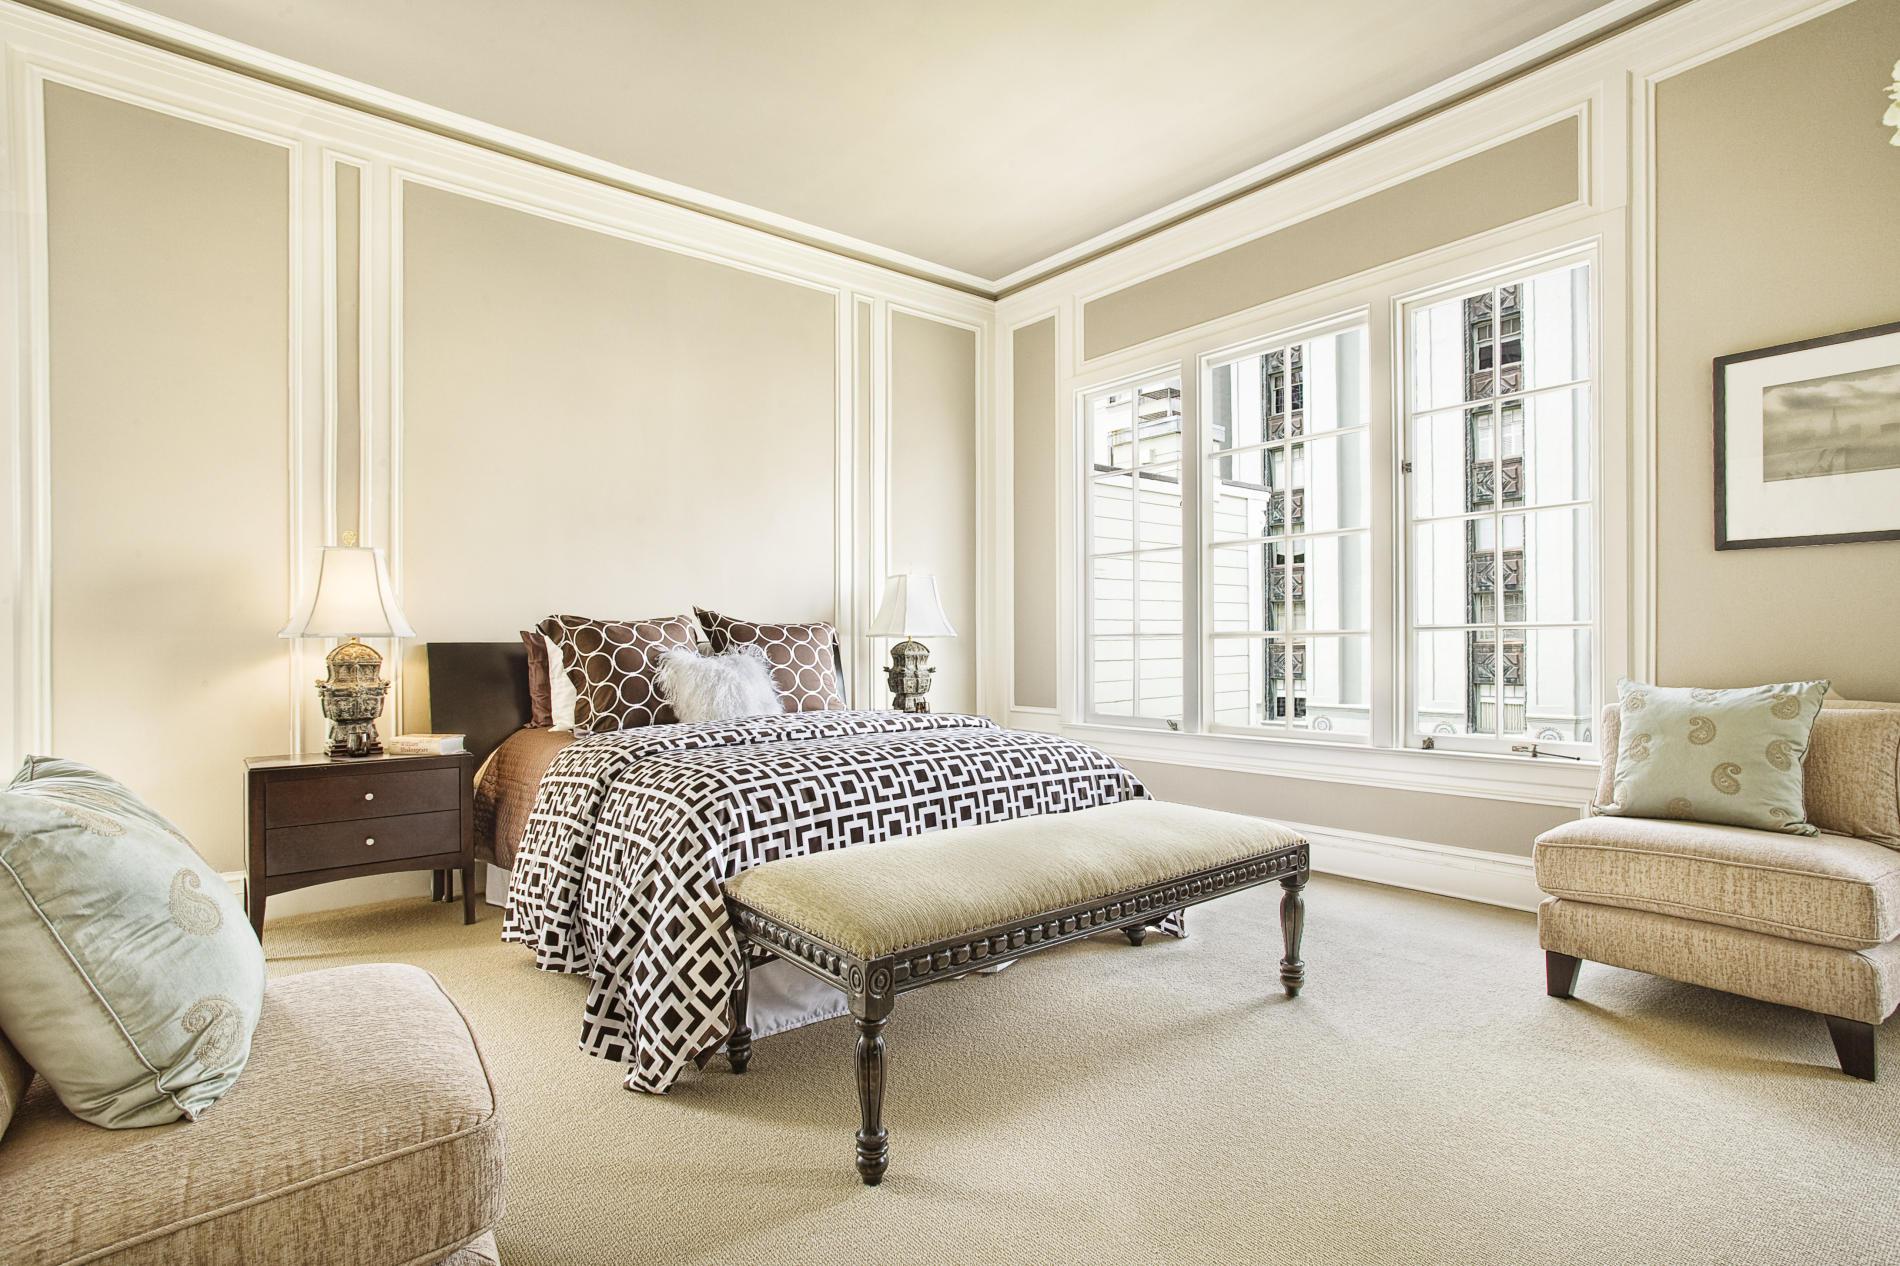 غرفة نوم باللون البيج | المرسال